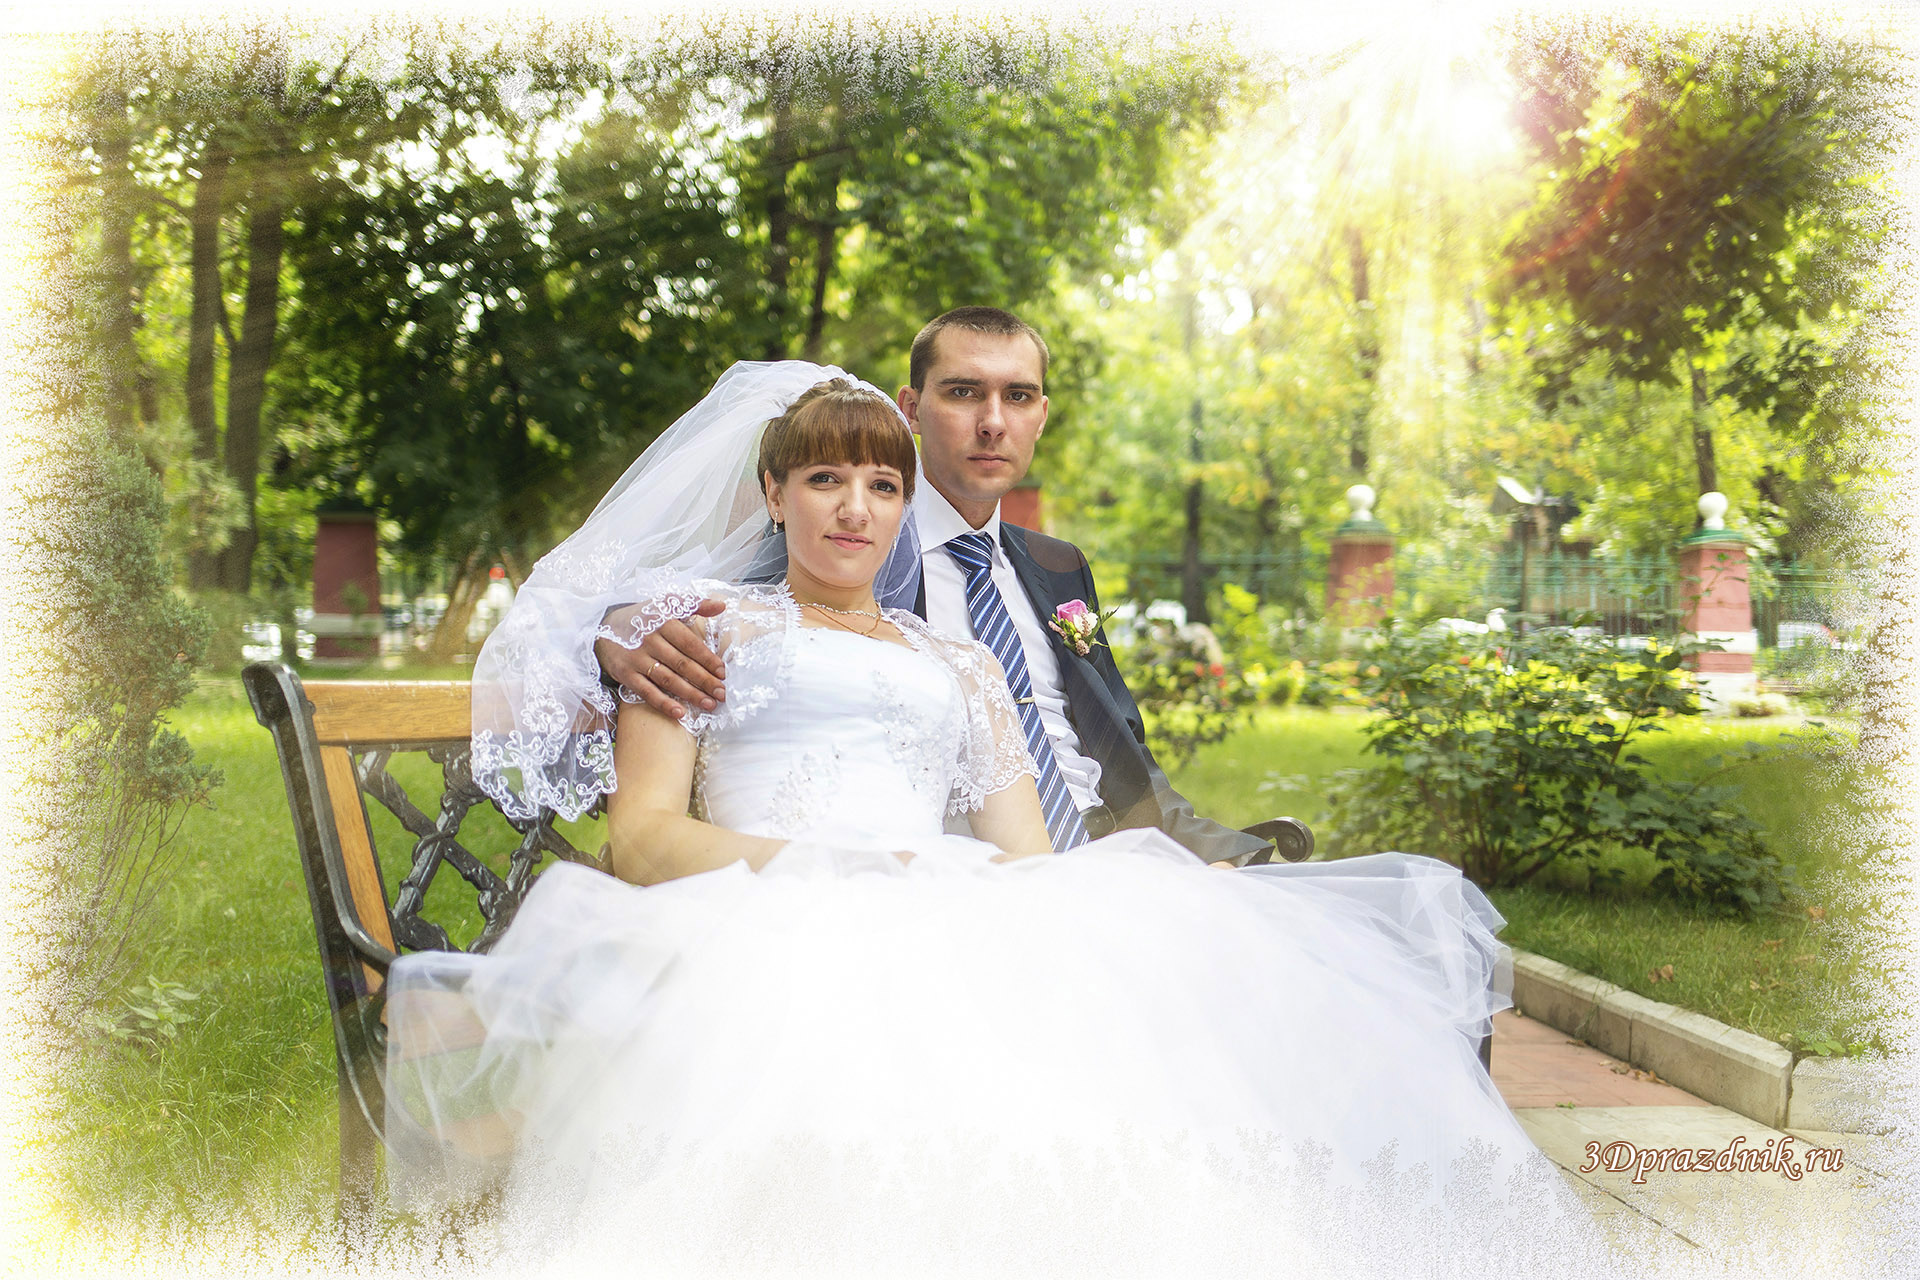 Светлана и Максим. Прогулка